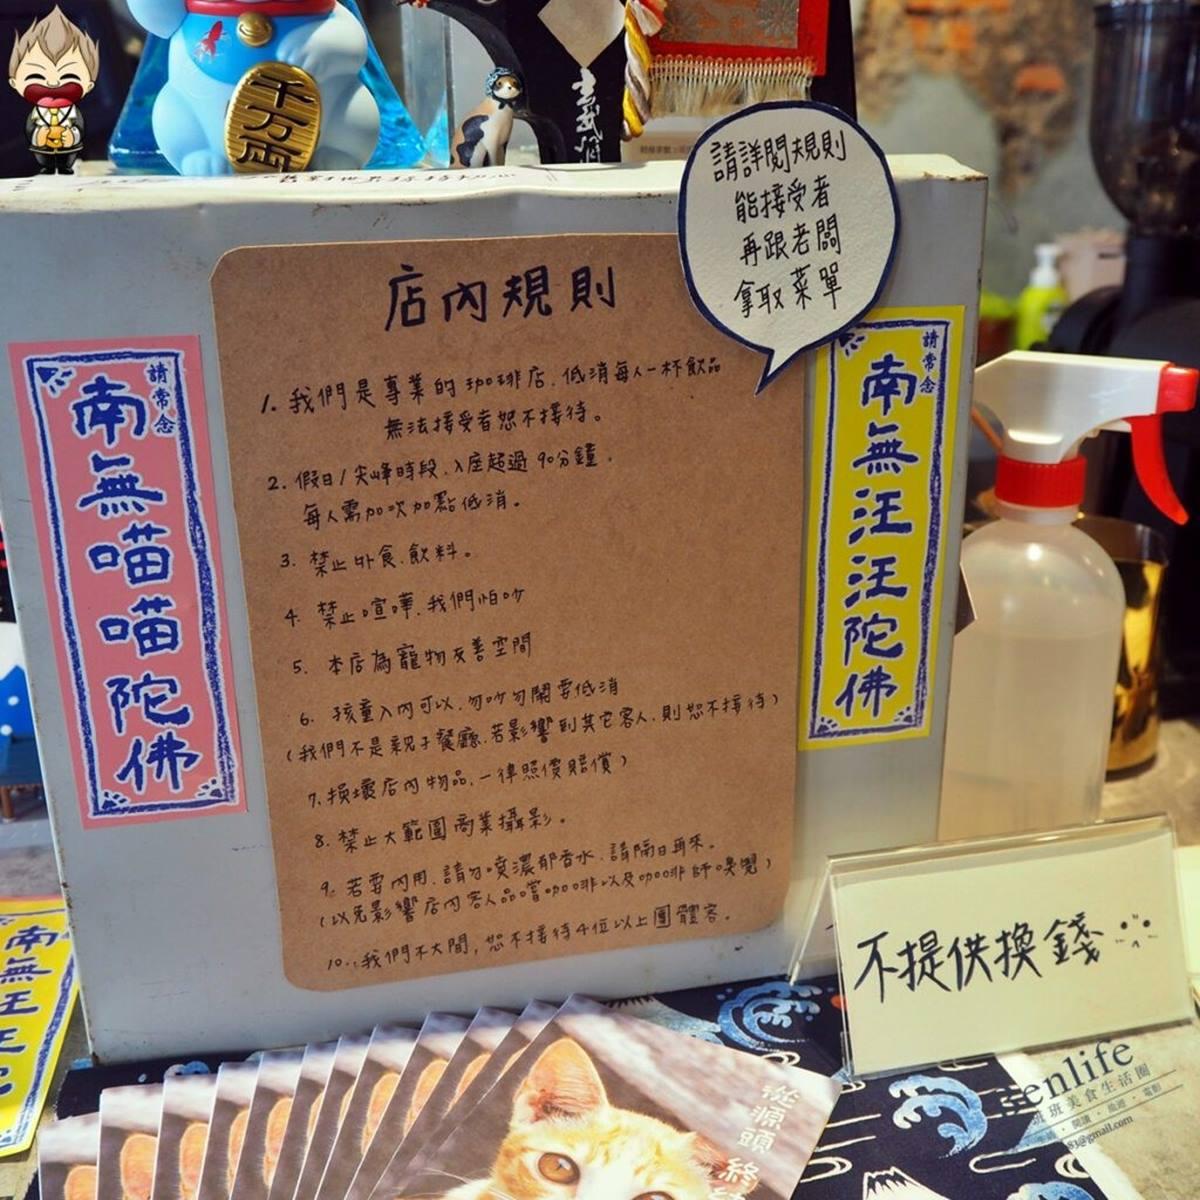 【新開店】日系水水會愛!拉花冠軍隱身高雄老宅咖啡廳,打卡必點浣熊、羊咩咩拿鐵